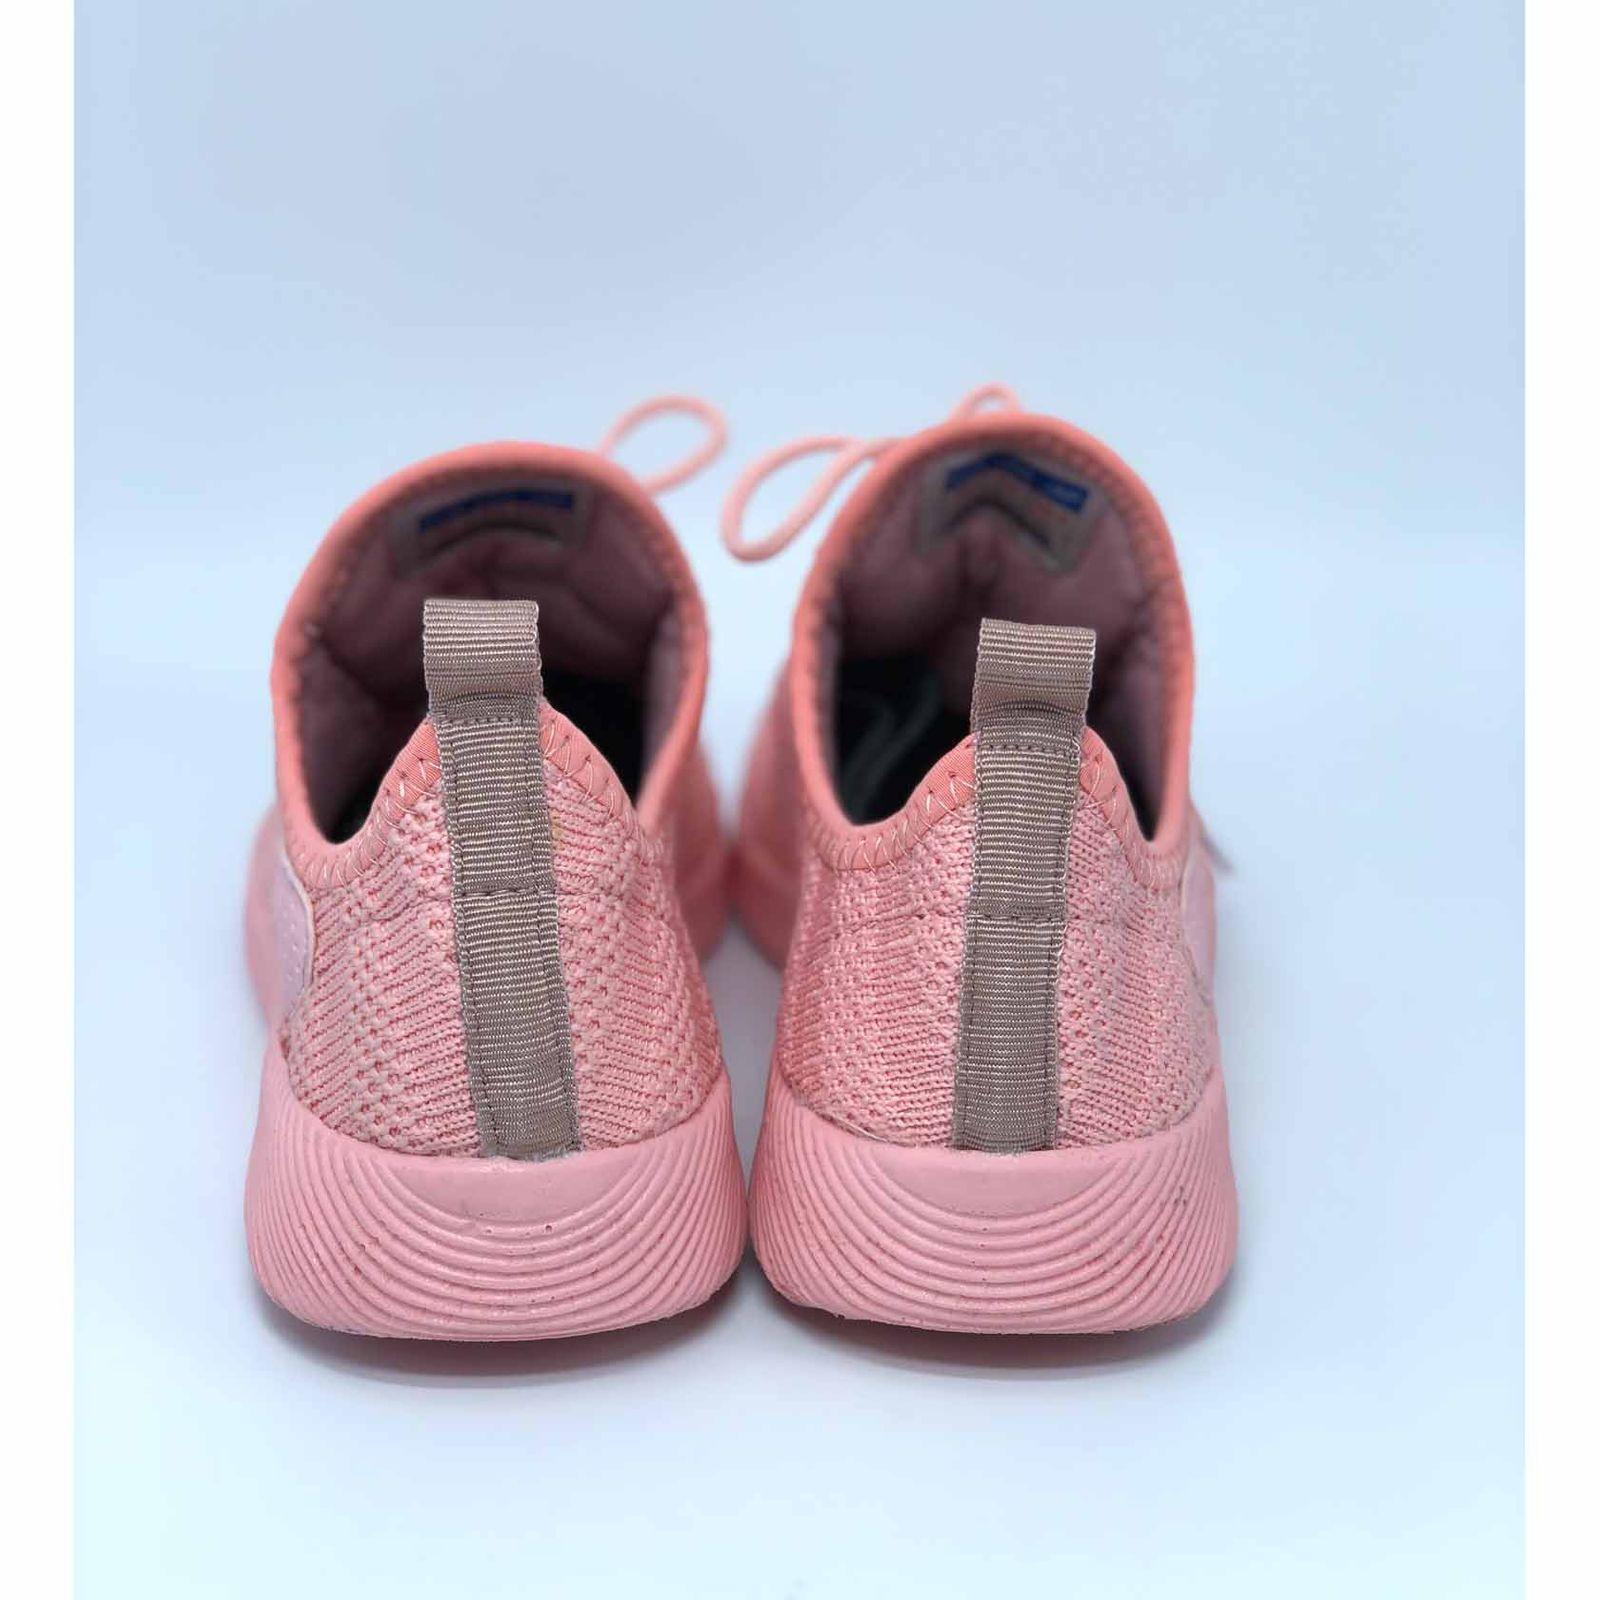 کفش مخصوص پیاده روی زنانه کفش سعیدی کد Mo 900 -  - 2